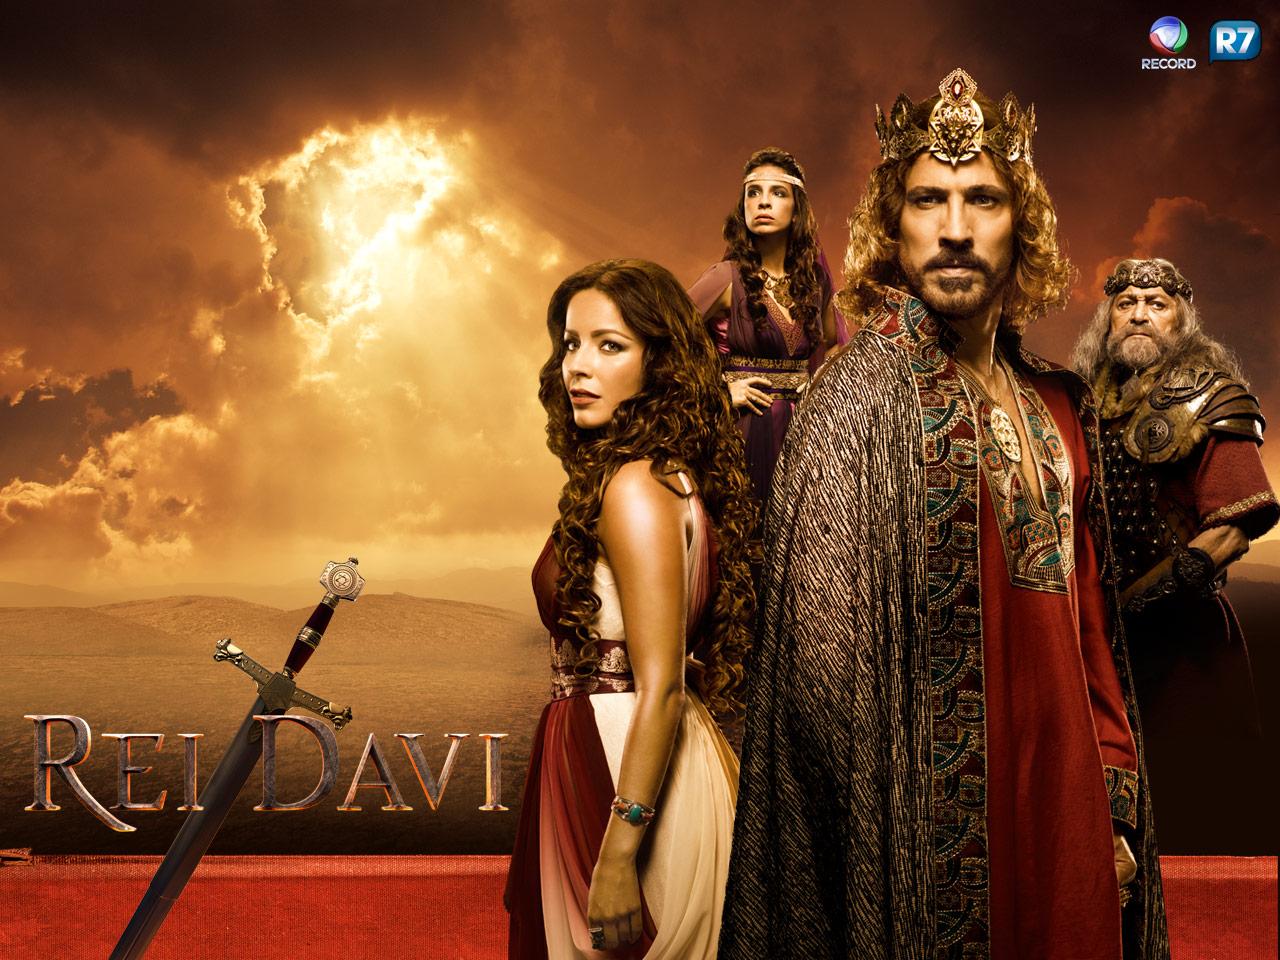 ' Rei Davi' reestreia na Record com melhor audiência entre ...